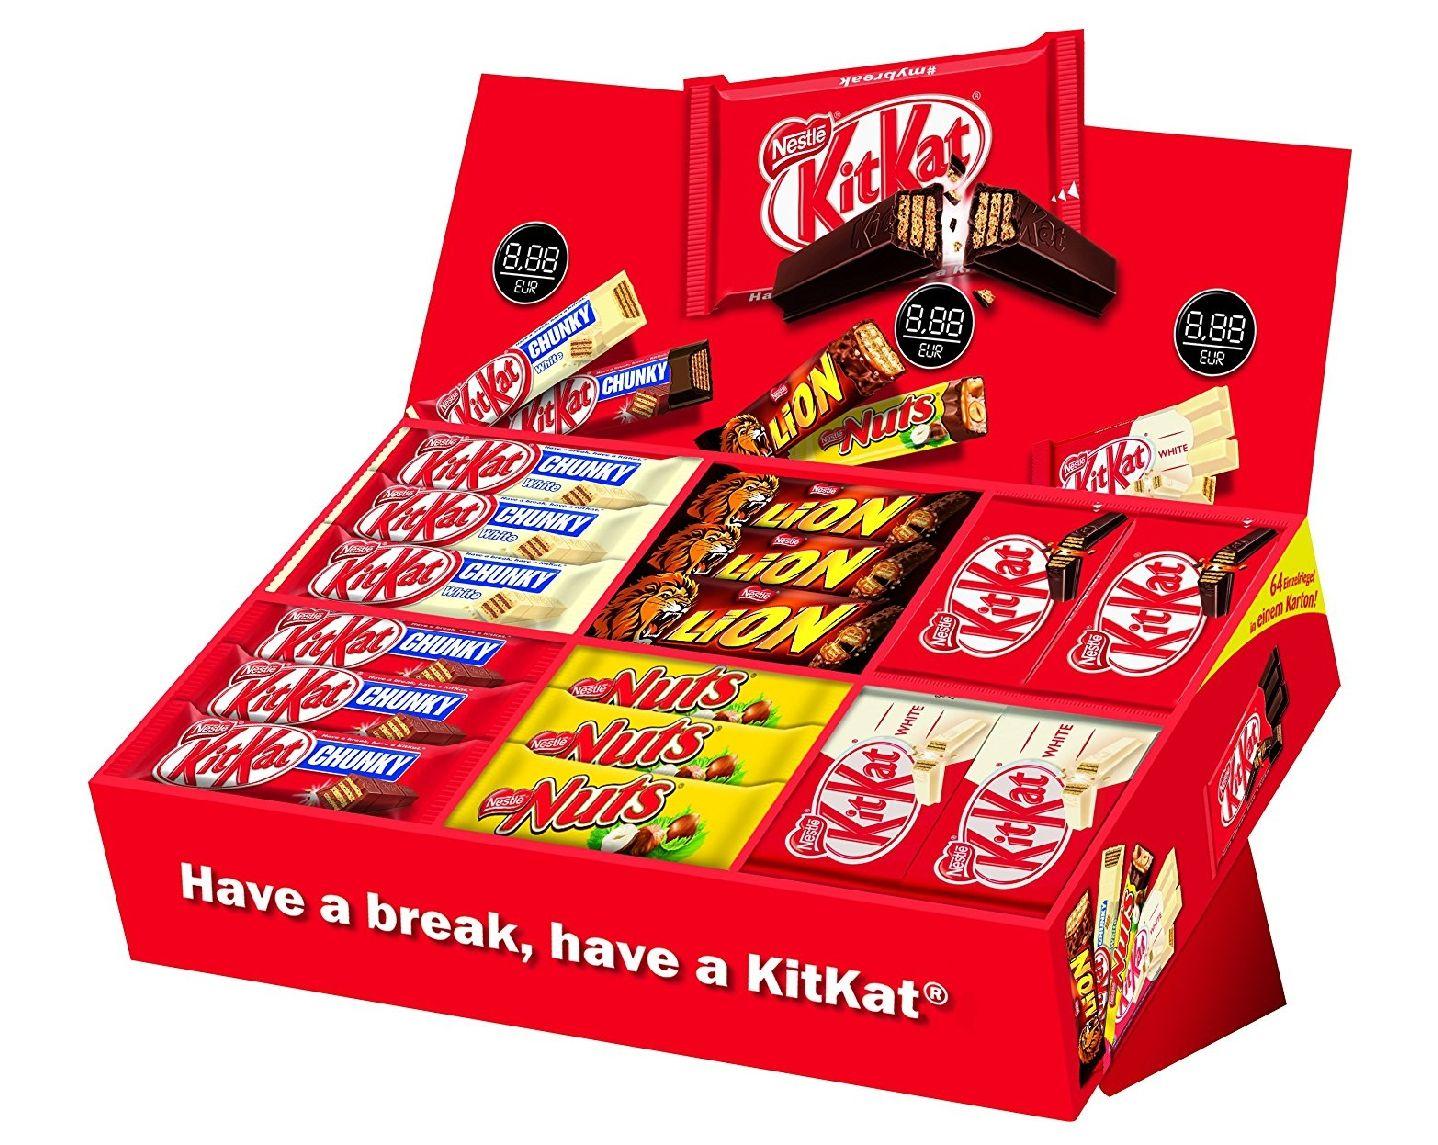 [amazon] Nestlé Schokoriegel Sortimentskarton, 64 leckere Riegel aus Schokolade in einer Mix-Box